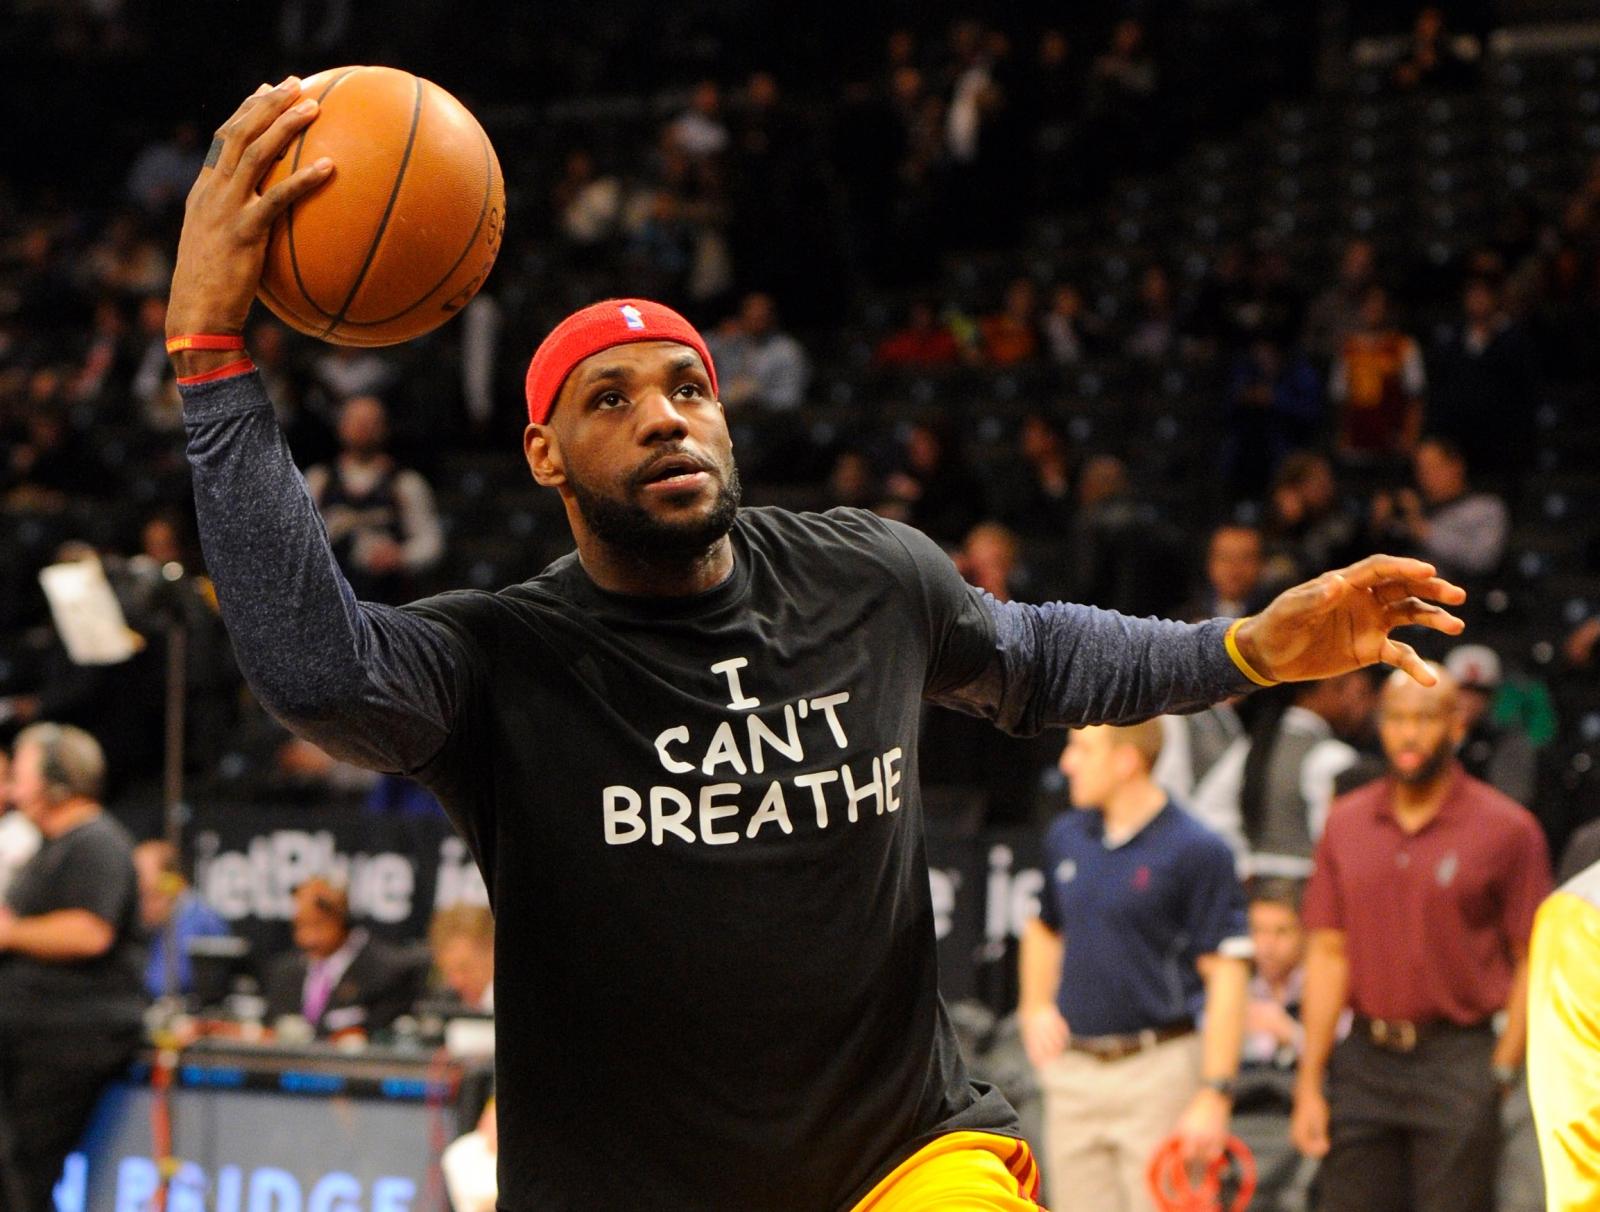 LeBron James I can't breathe t-shirt protest Eric Garner